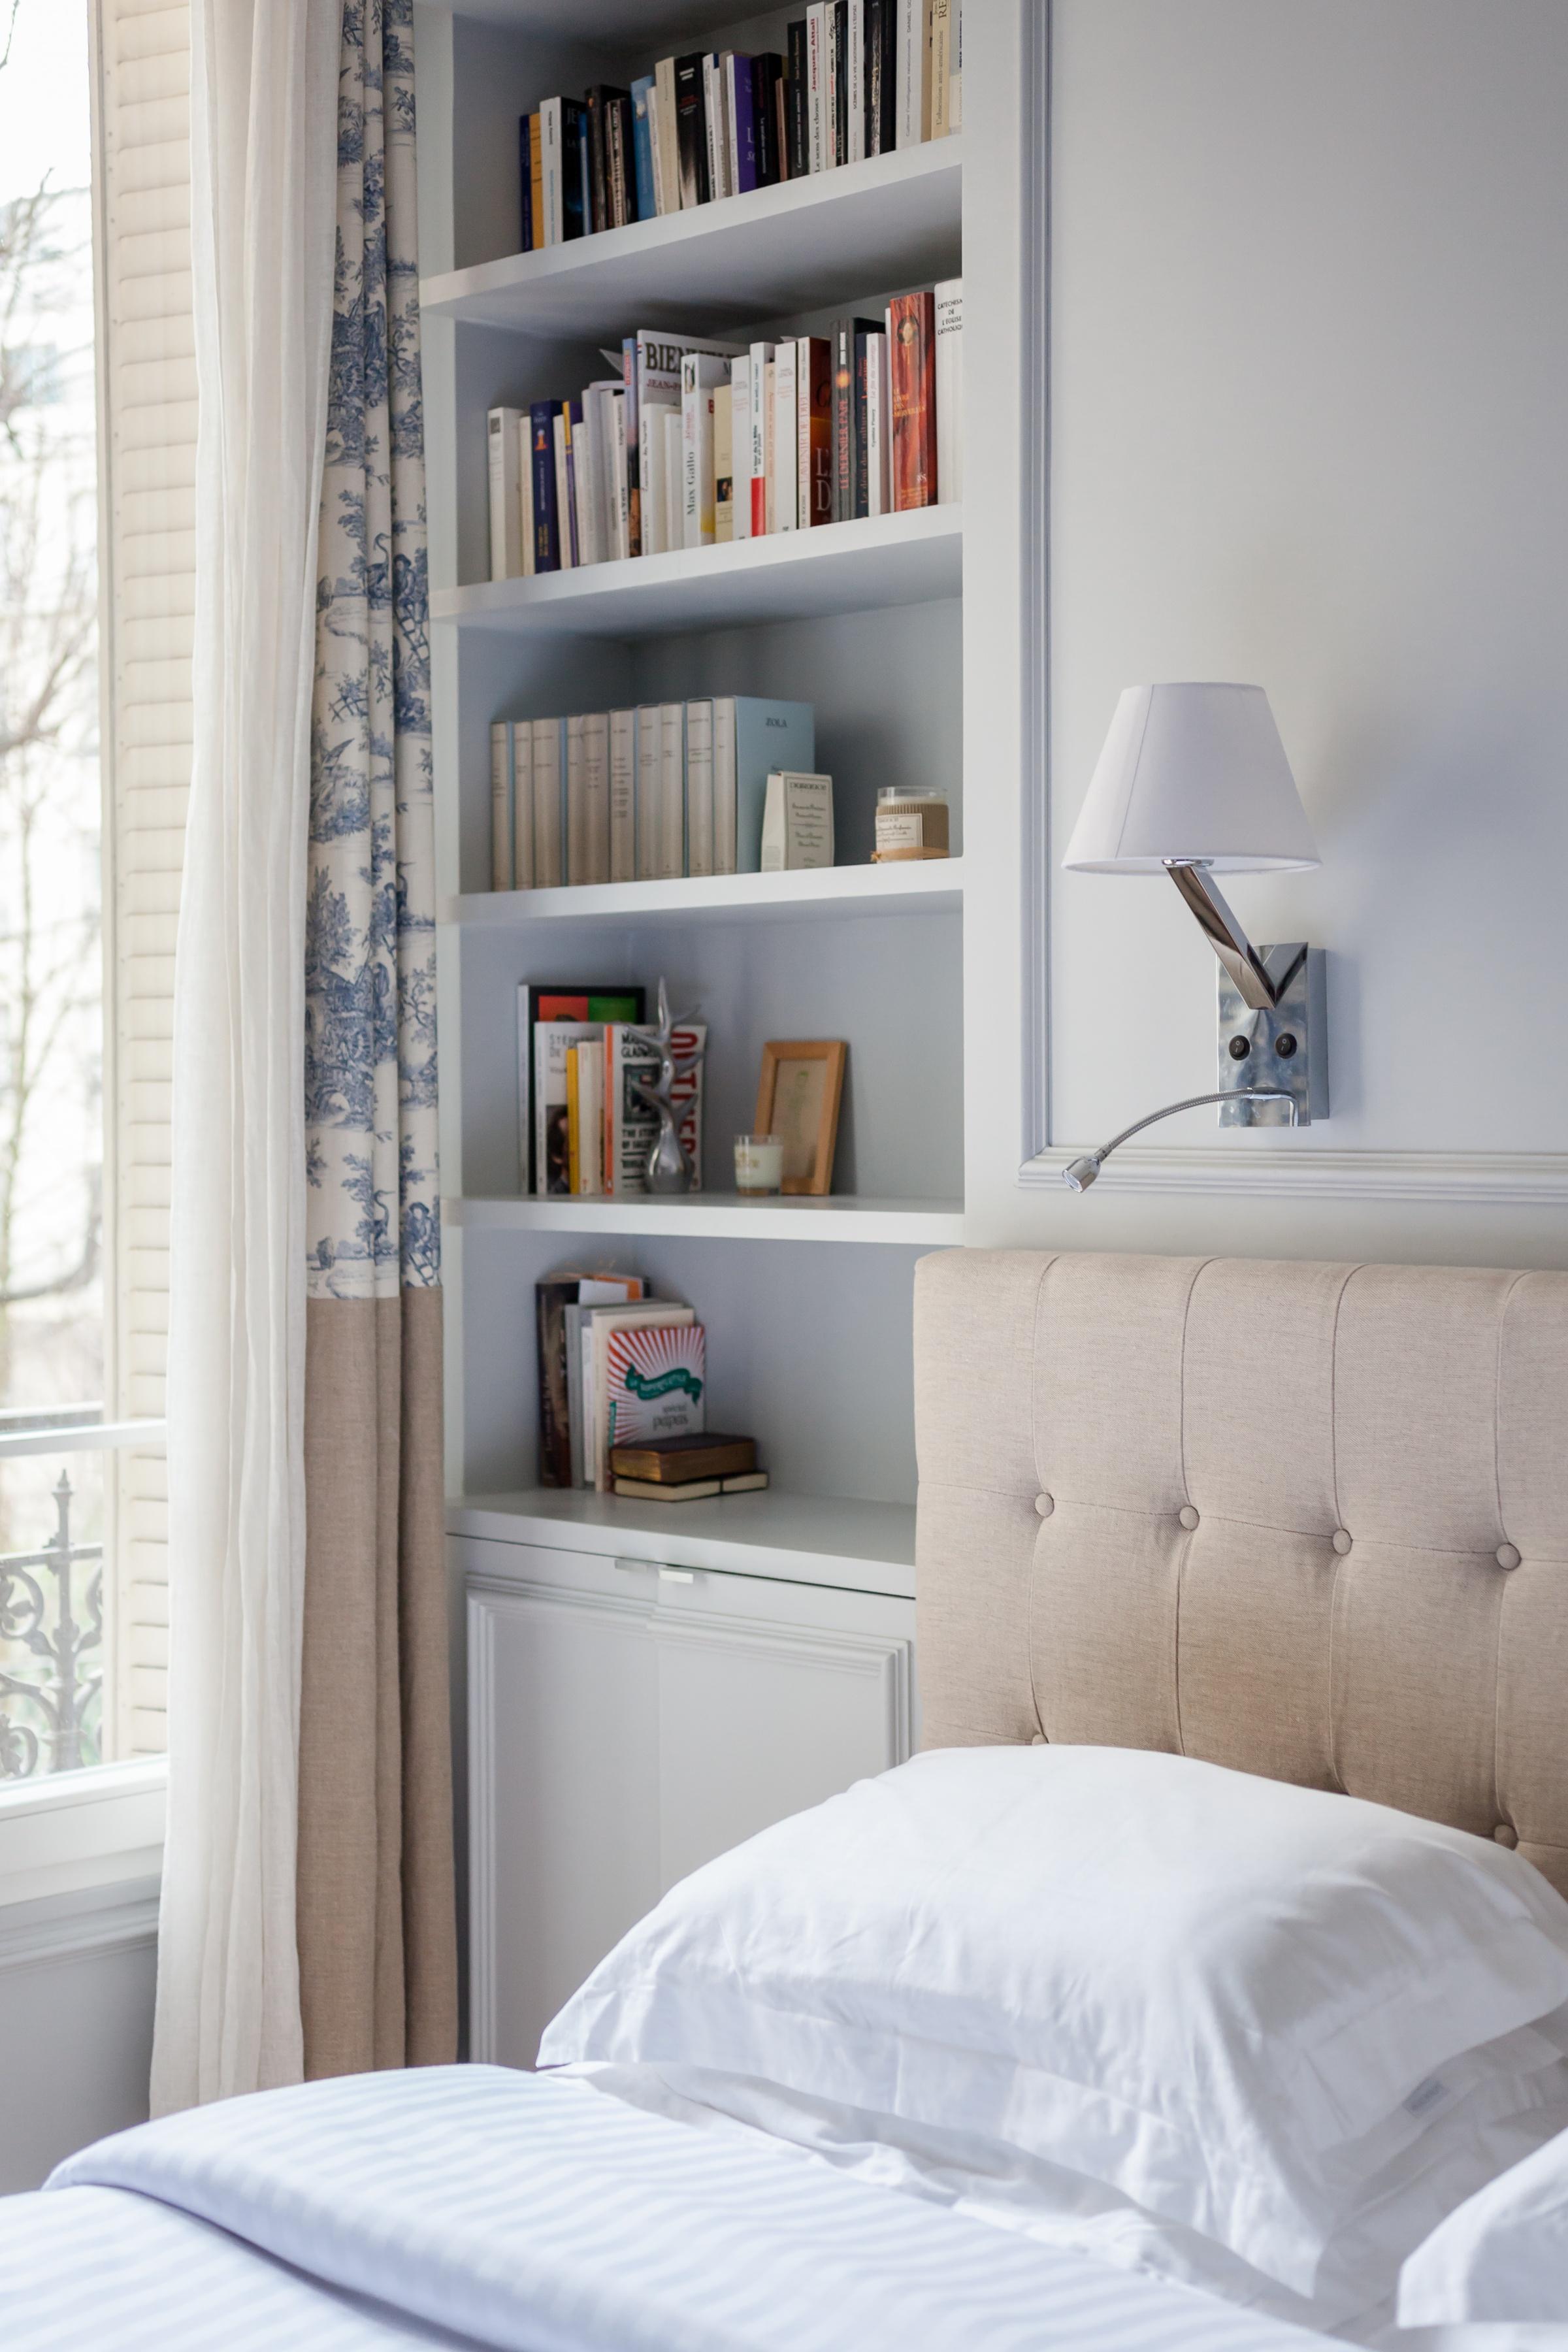 спальня полки книги